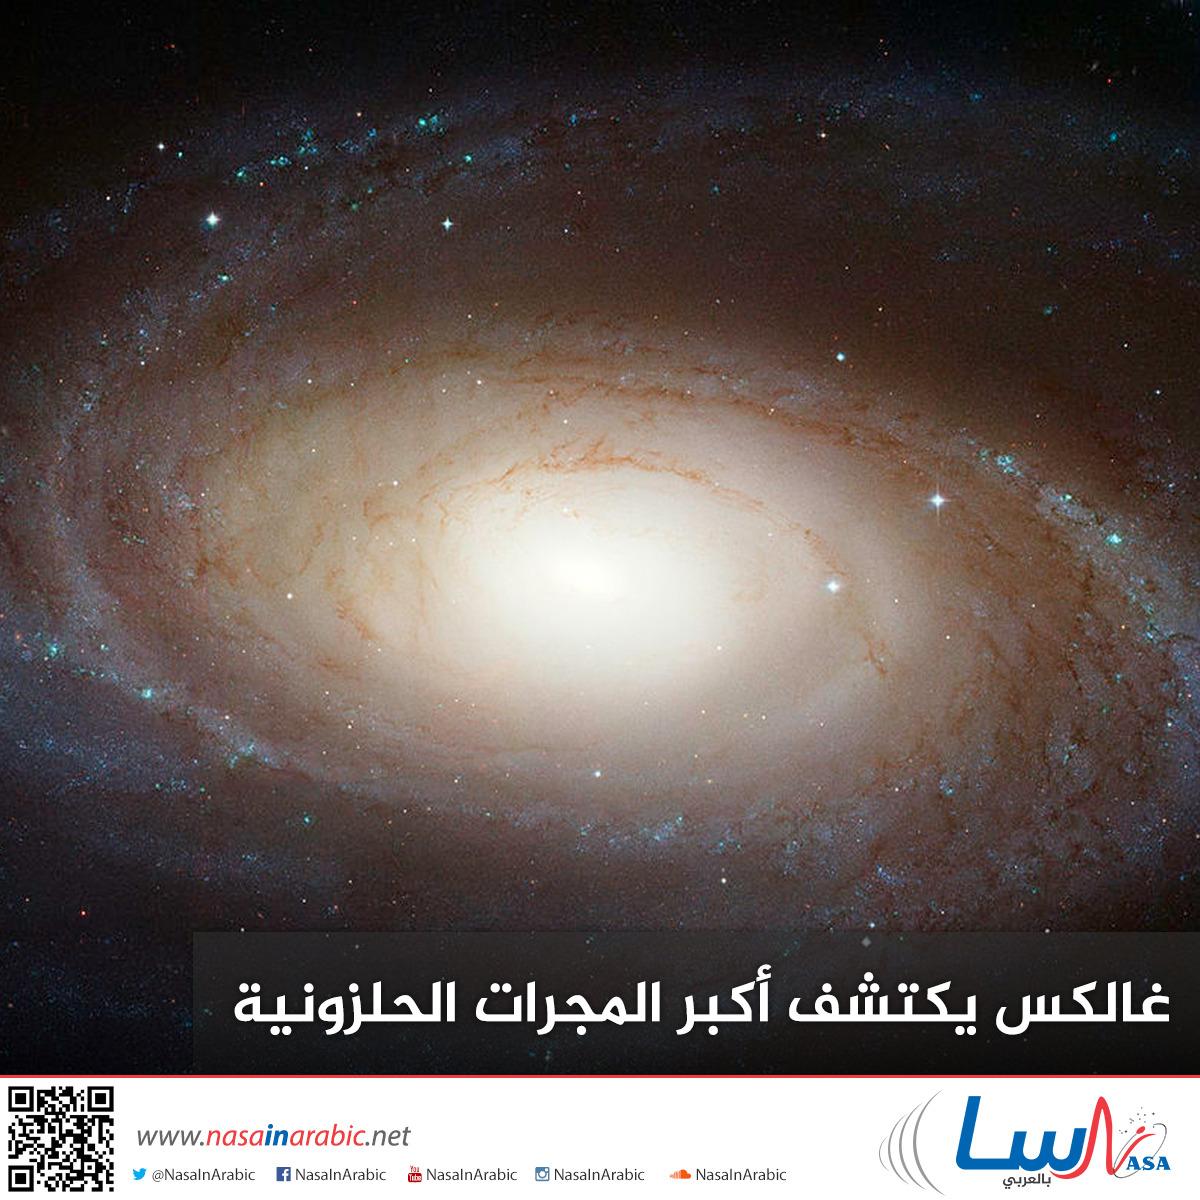 غالكس يكتشف أكبر المجرات الحلزونية